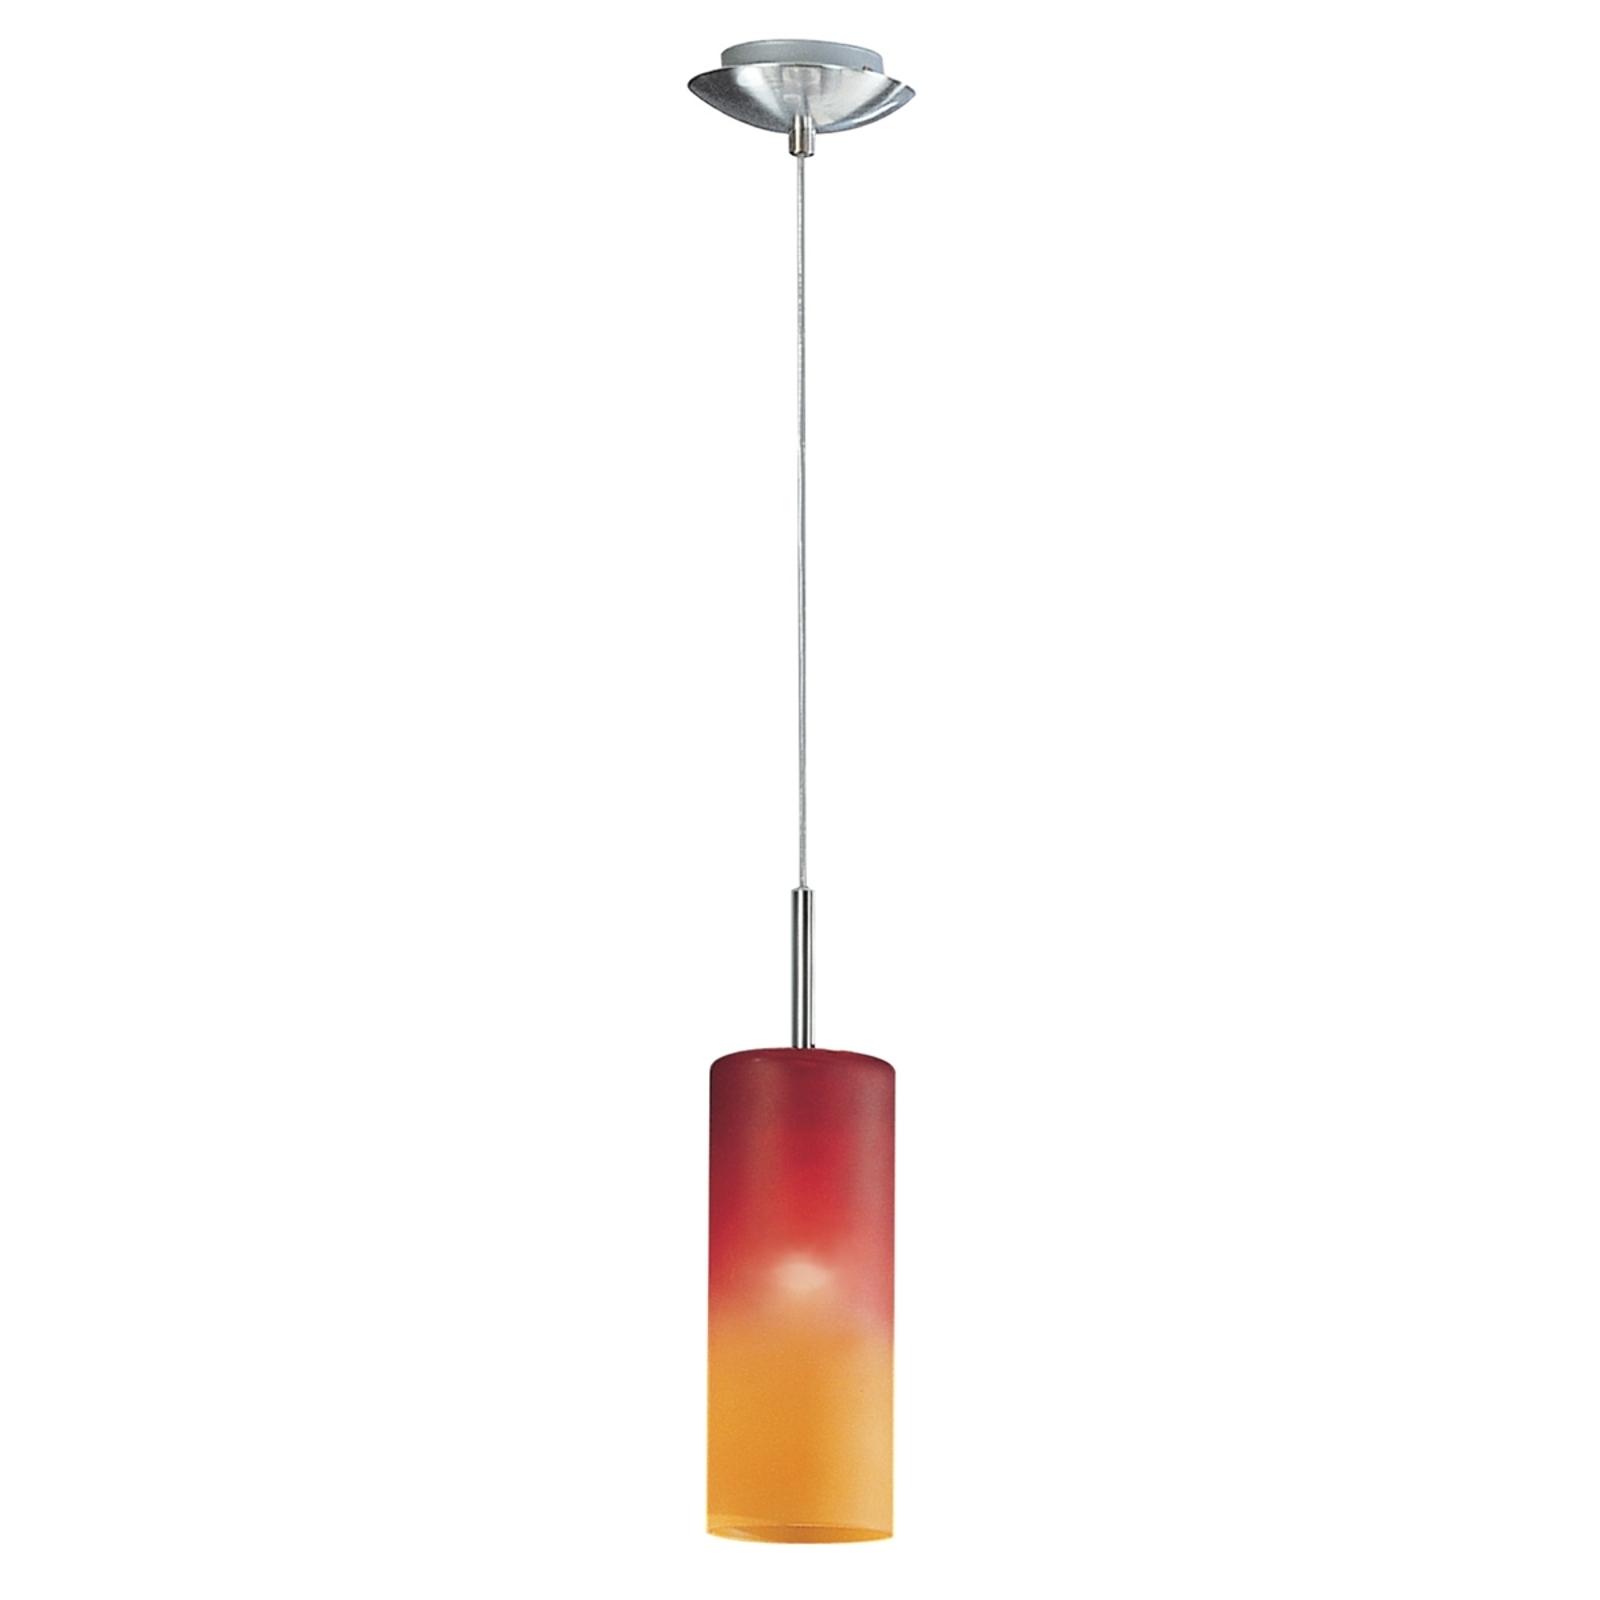 Lampada a sospensione TROY in rosso e arancione